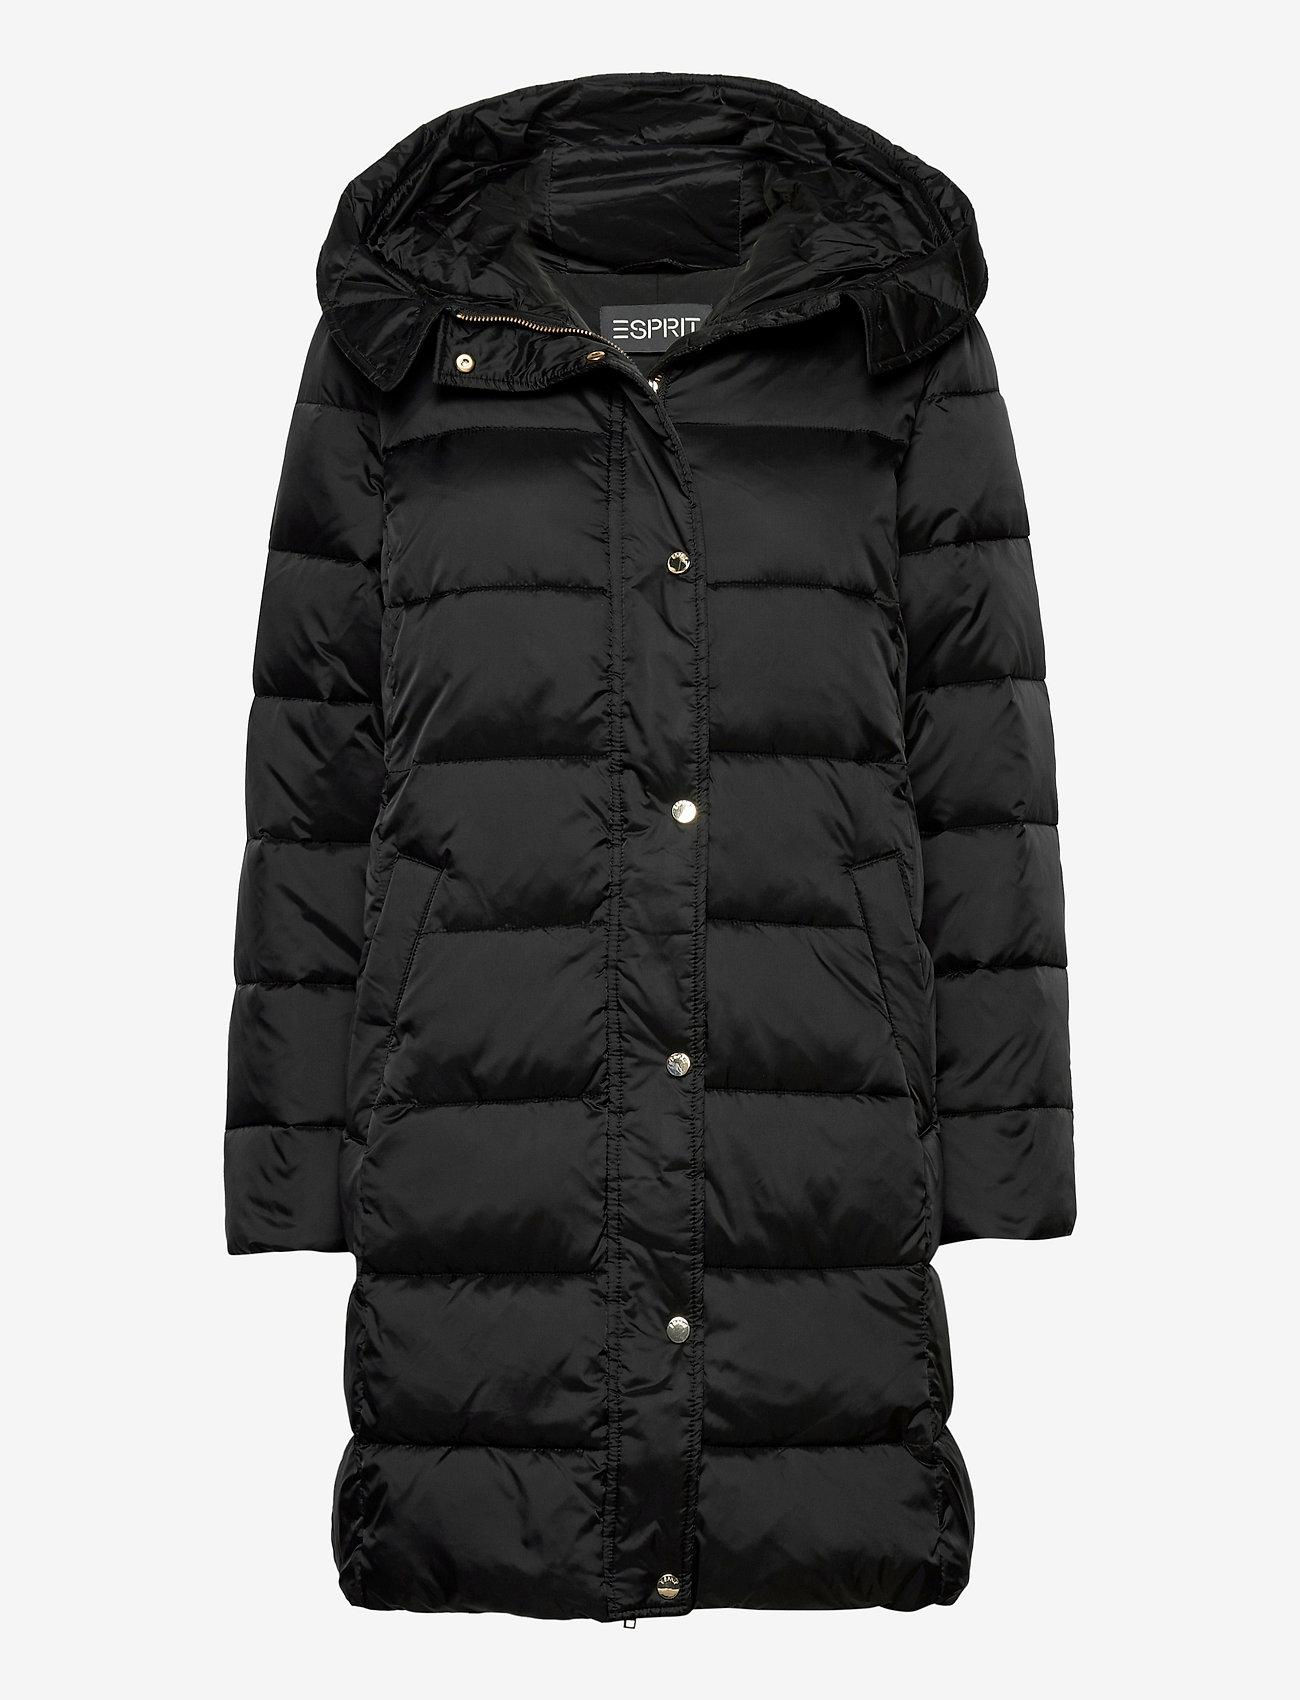 Esprit Collection - Coats woven - manteaux d'hiver - black - 0